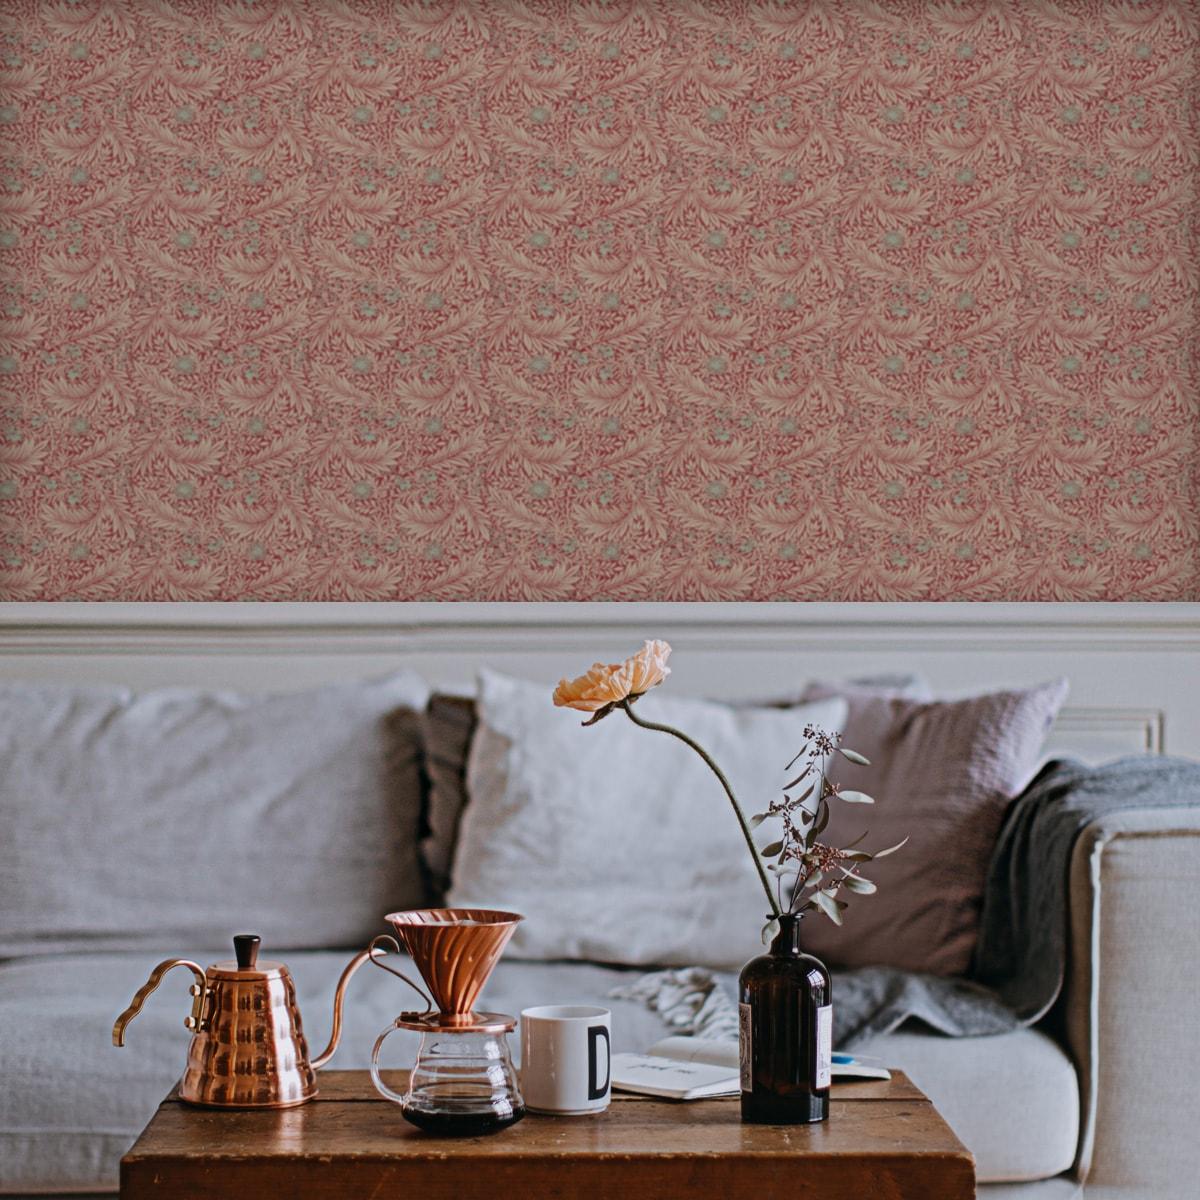 Full Size of Wasserfeste Tapete Küche Tapete Küche Cappuccino Fliesen Tapete Küche Abwaschbar Spritzschutz Tapete Küche Küche Tapete Küche